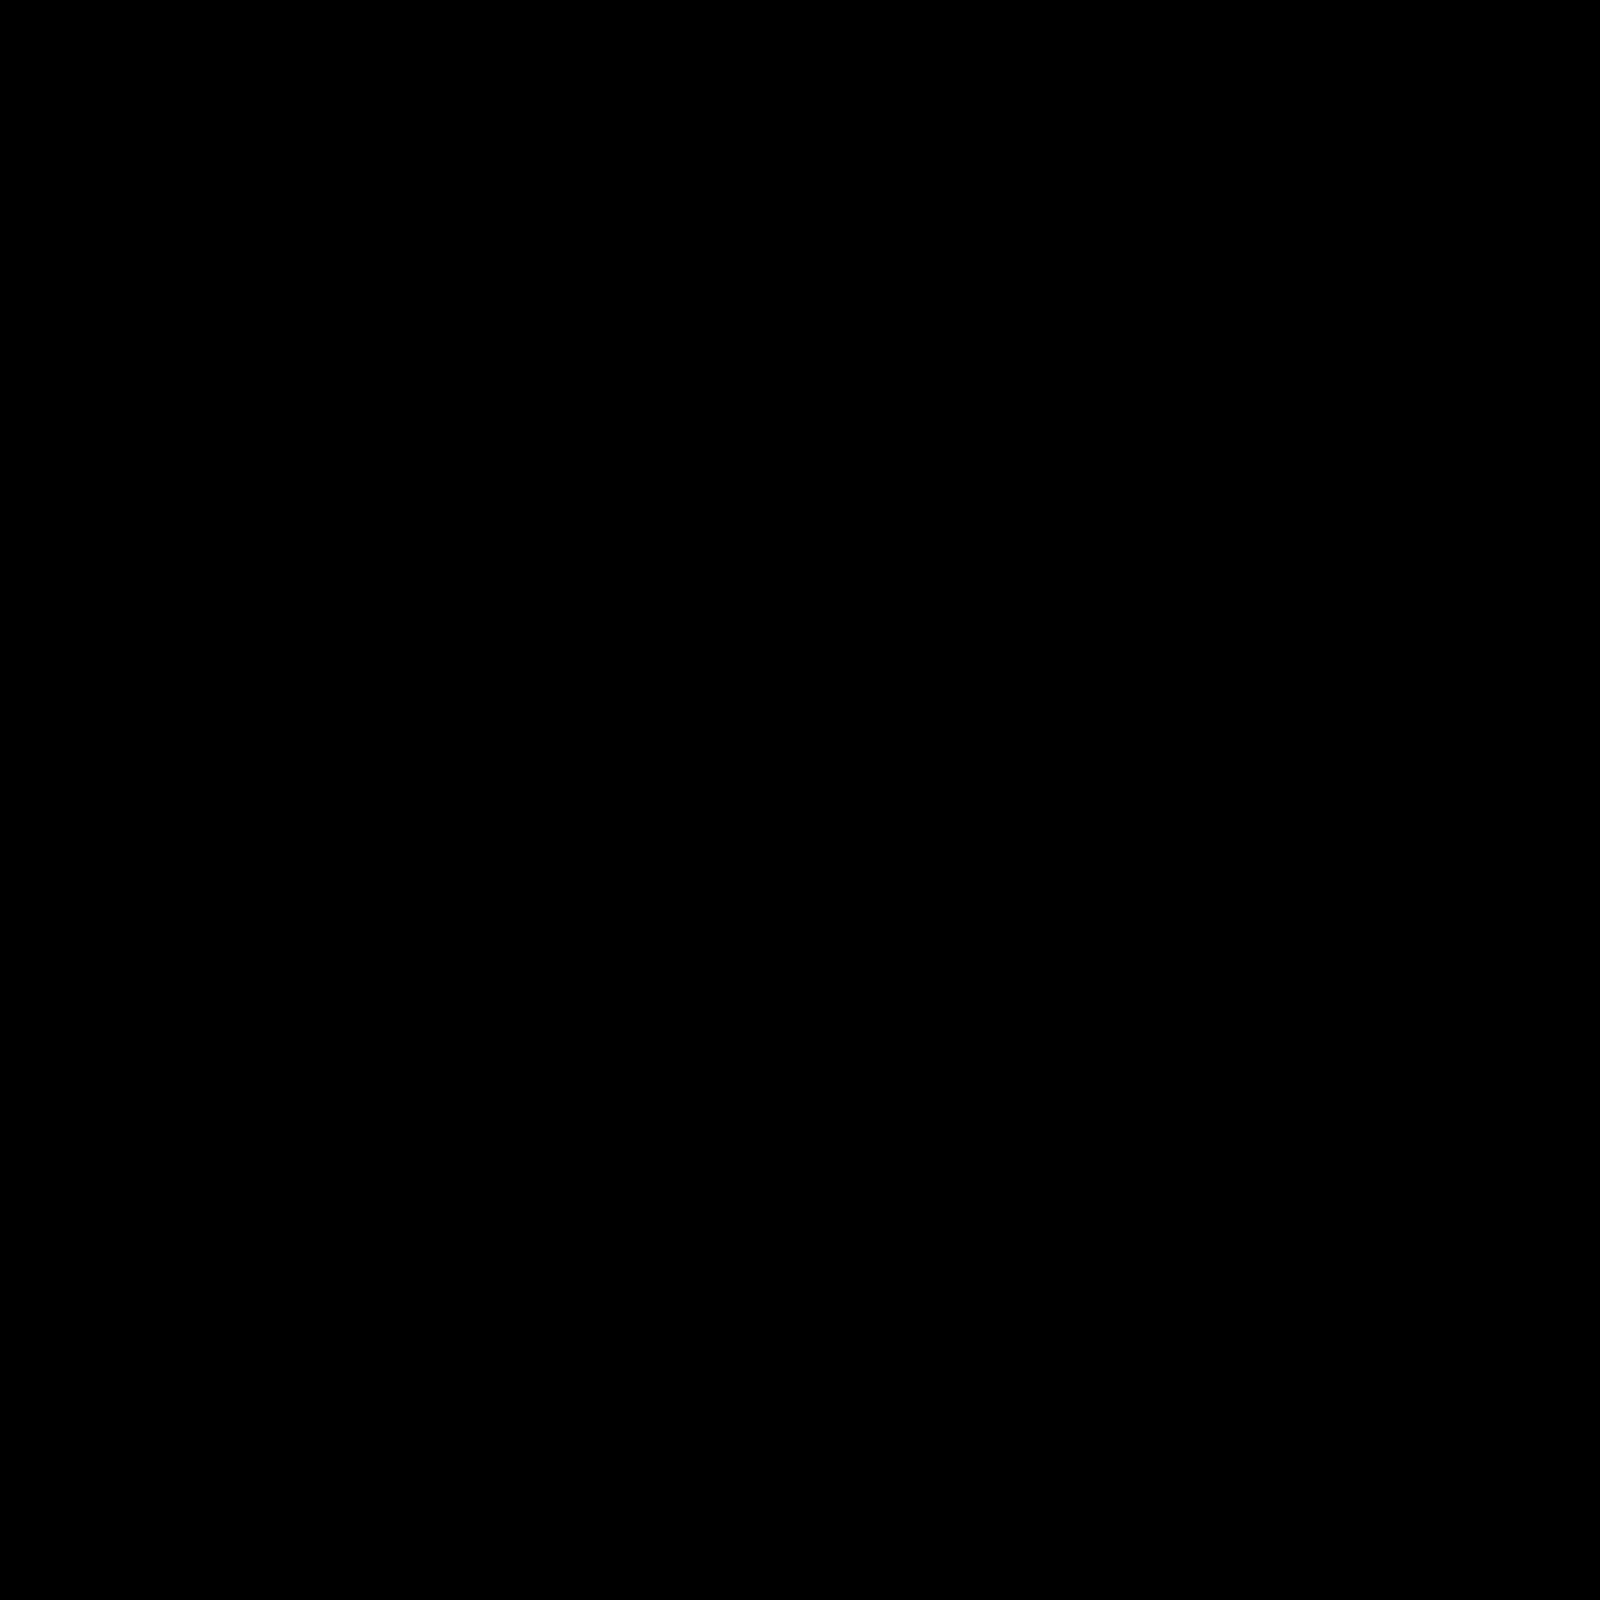 1600x1600 Toilet Icon